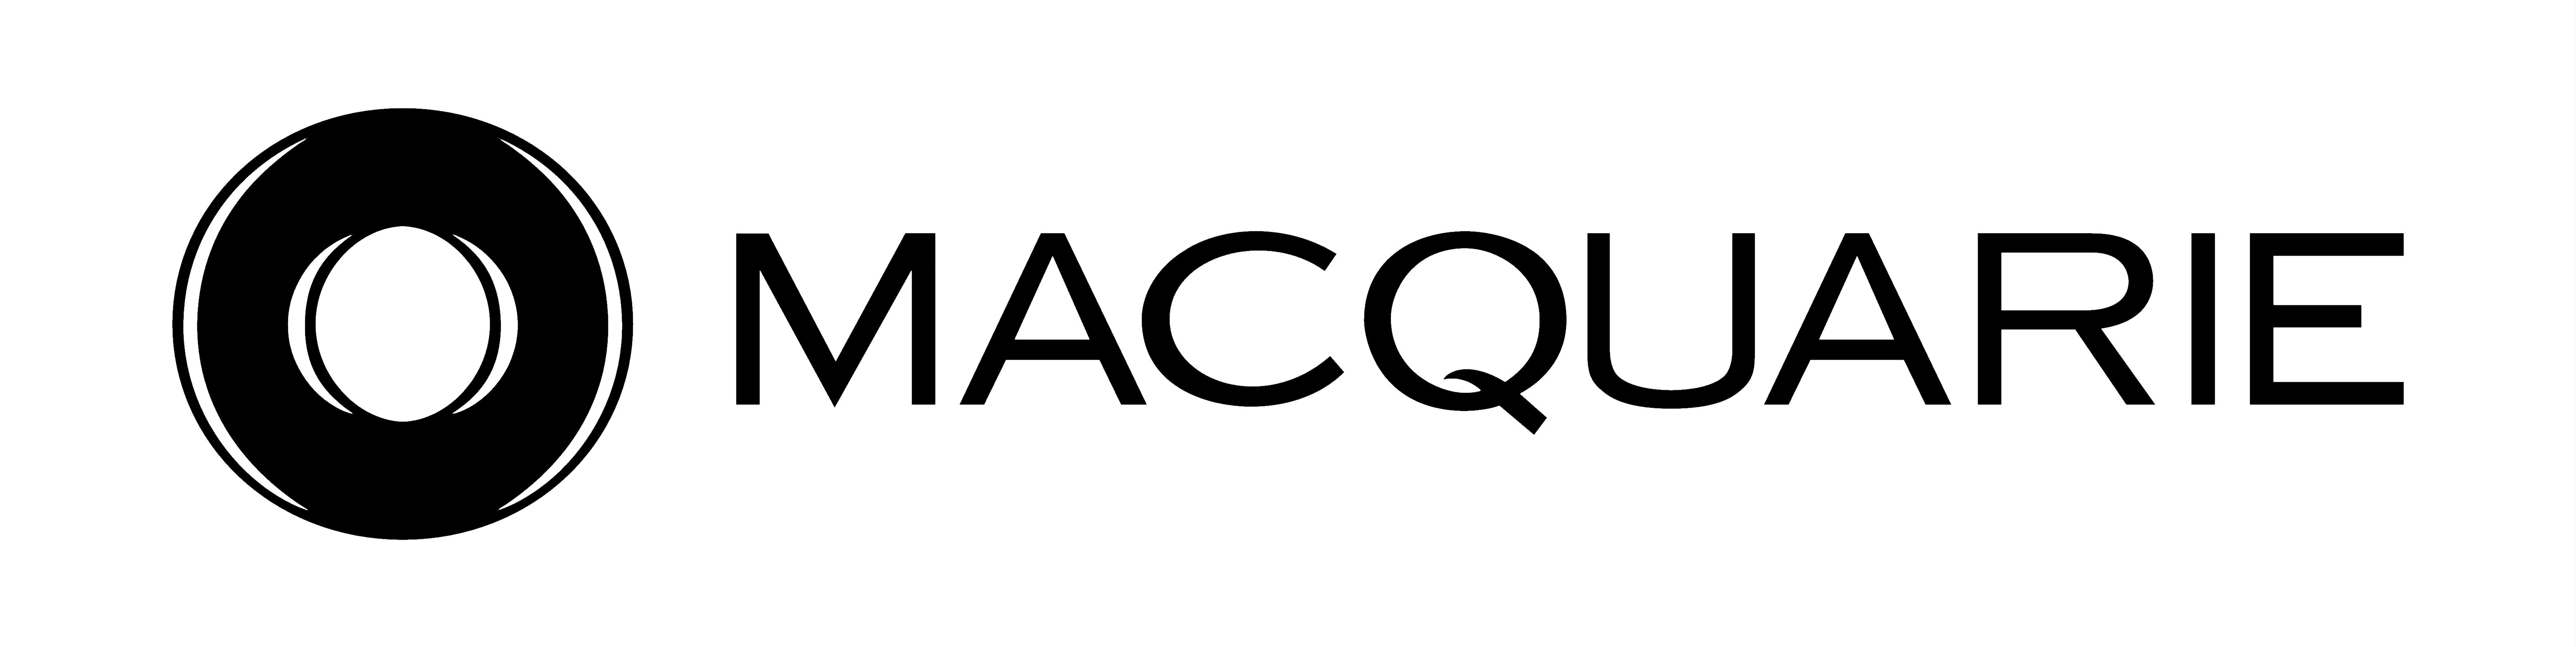 Macquarie Group Logos Download